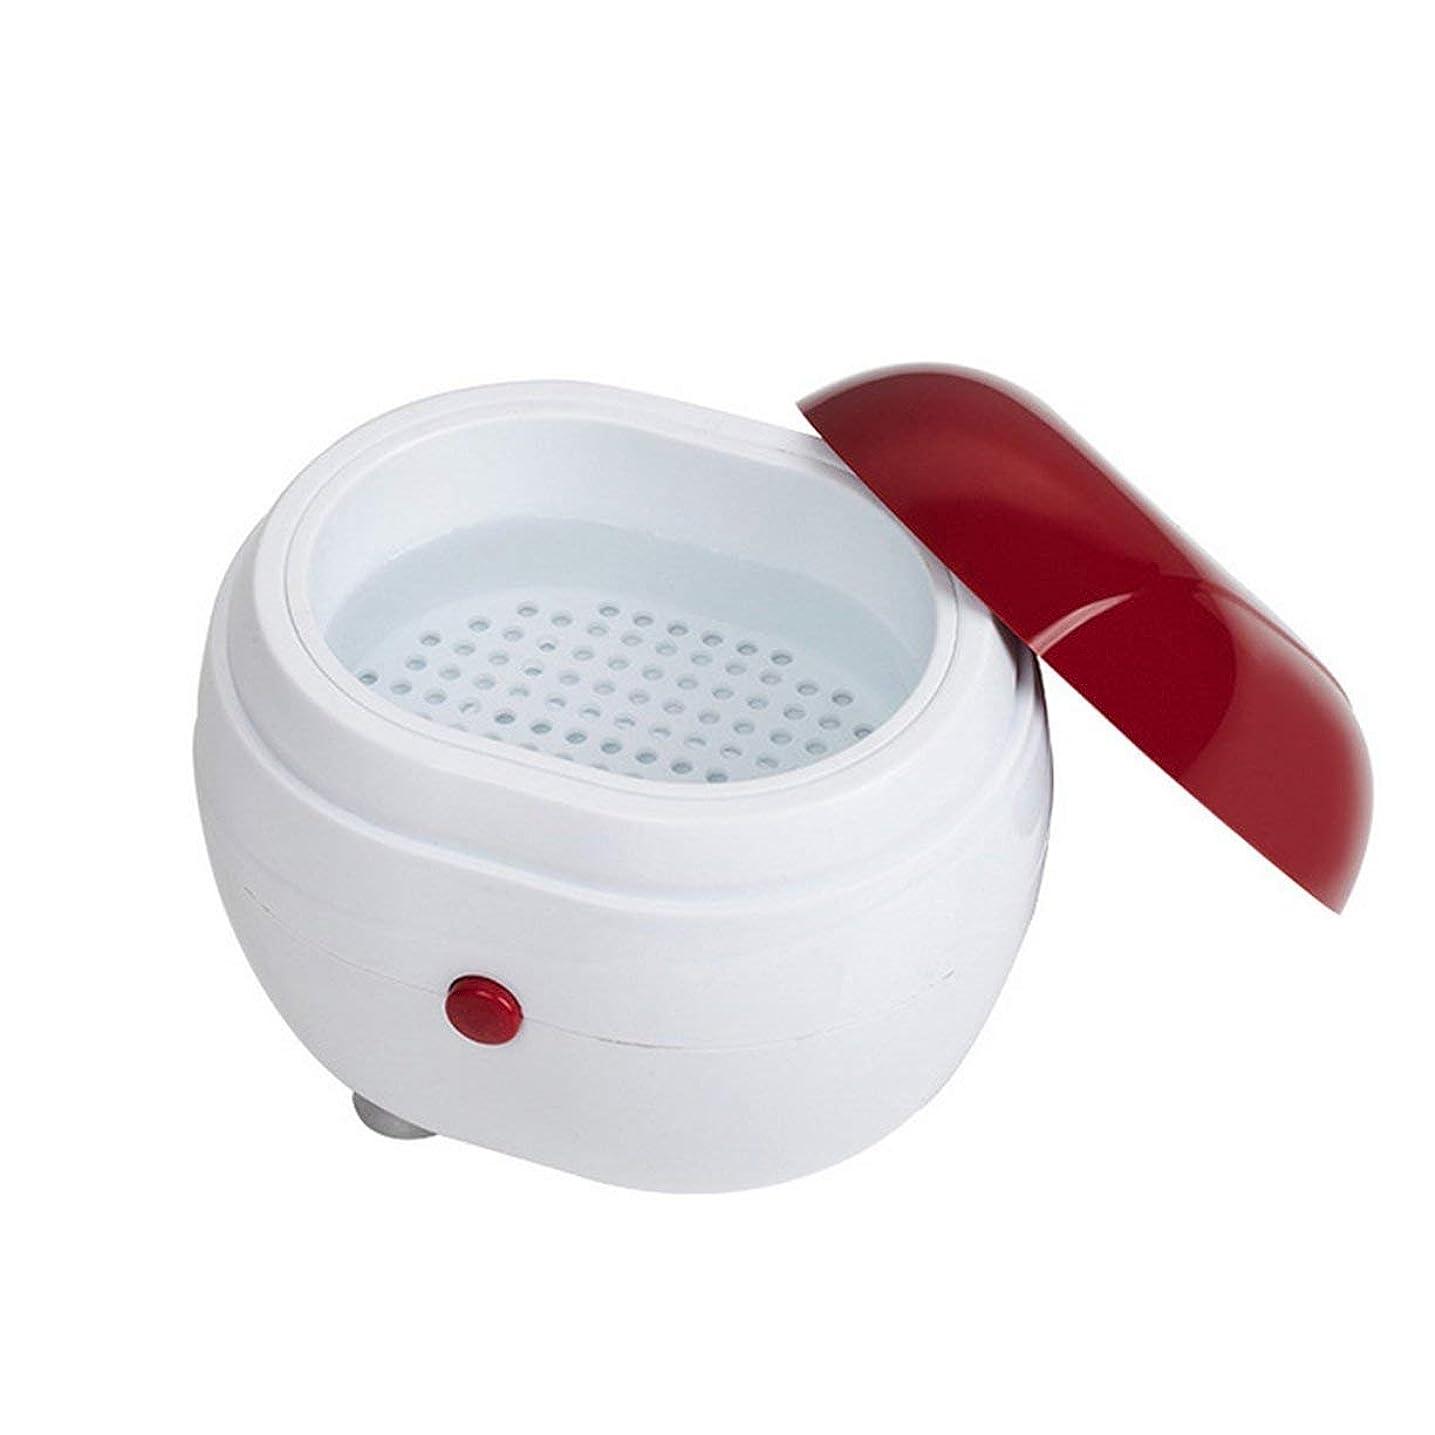 横向き啓発する無傷ポータブル超音波洗濯機家庭用ジュエリーレンズ時計入れ歯クリーニング機洗濯機クリーナークリーニングボックス - 赤&白